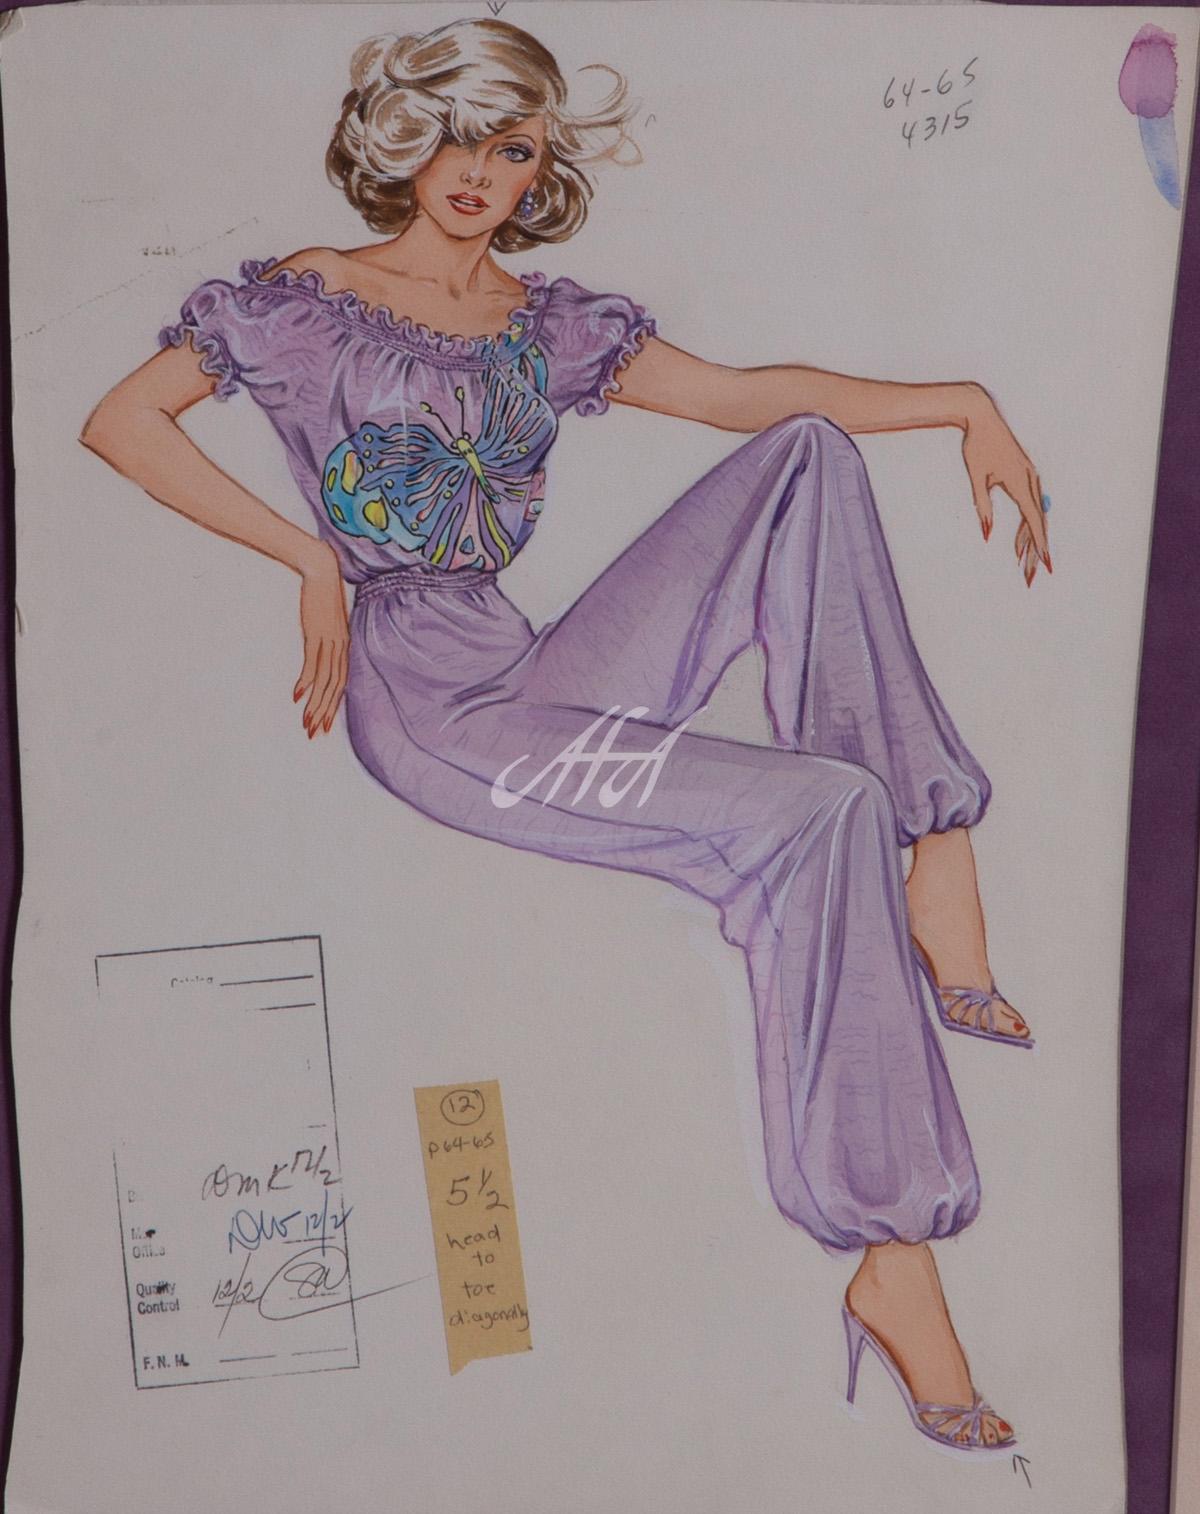 HCFM_Mellinger_ht9776_purplebutterfly_framed LoRes watermark.jpg